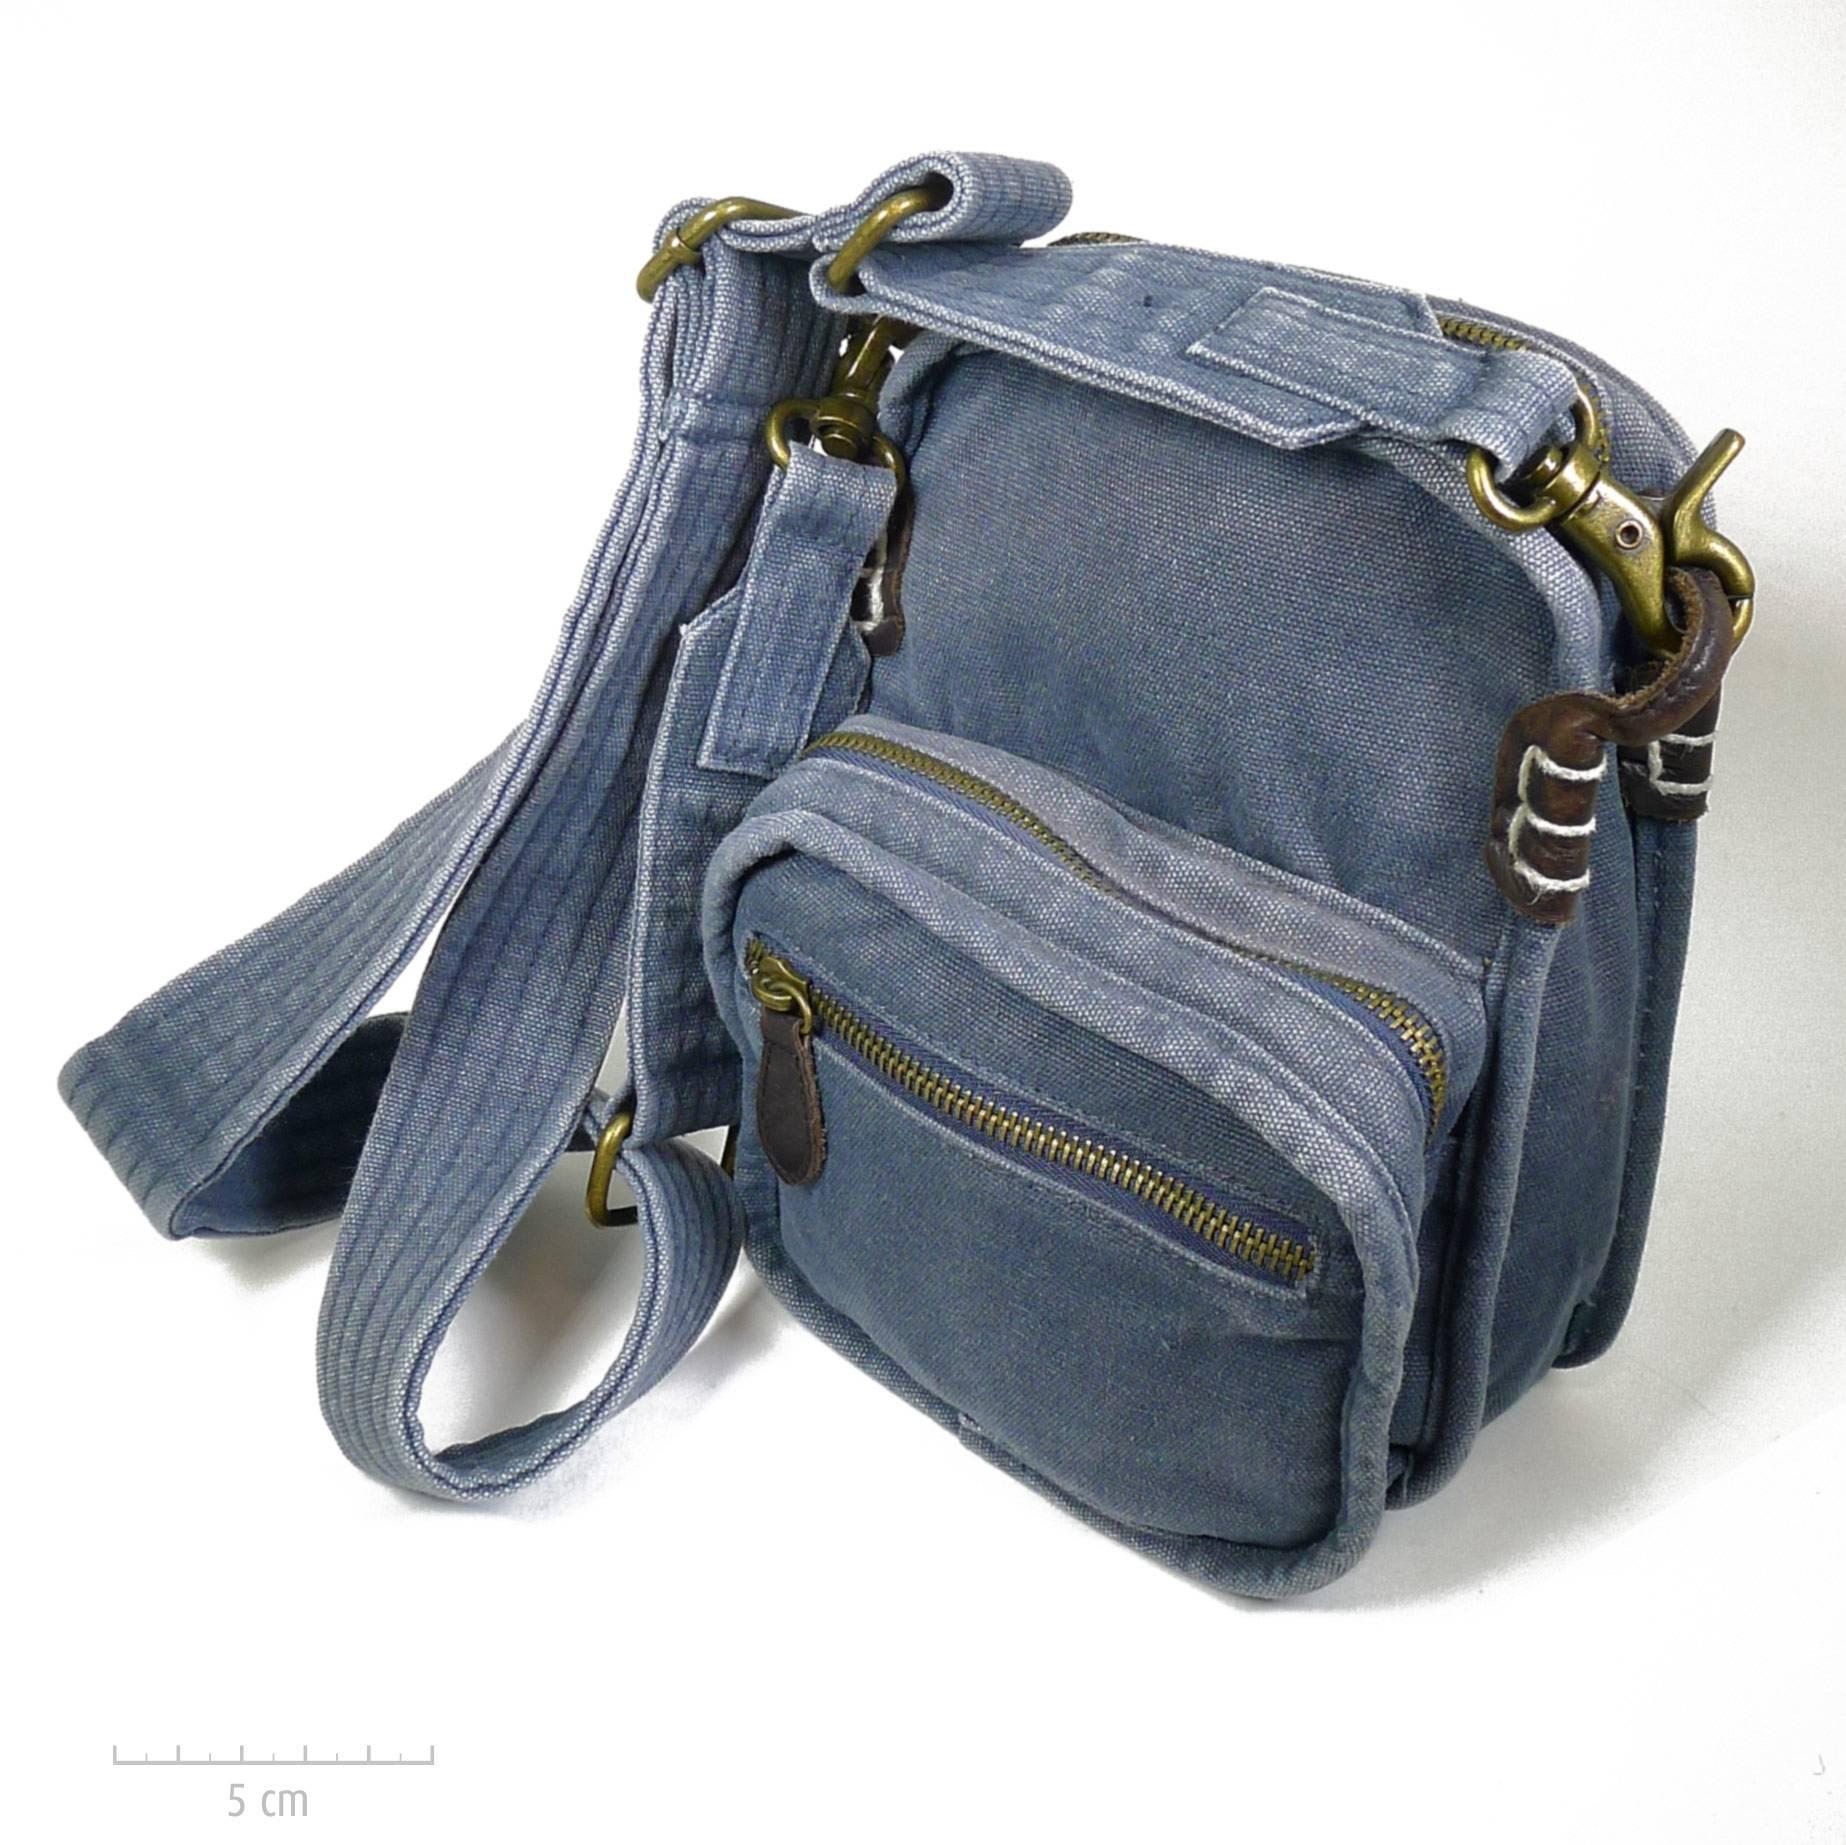 434112efcf Petite sacoche bandoulière, toile épaisse denim, coton bleu jean et cuir,  design unisexe